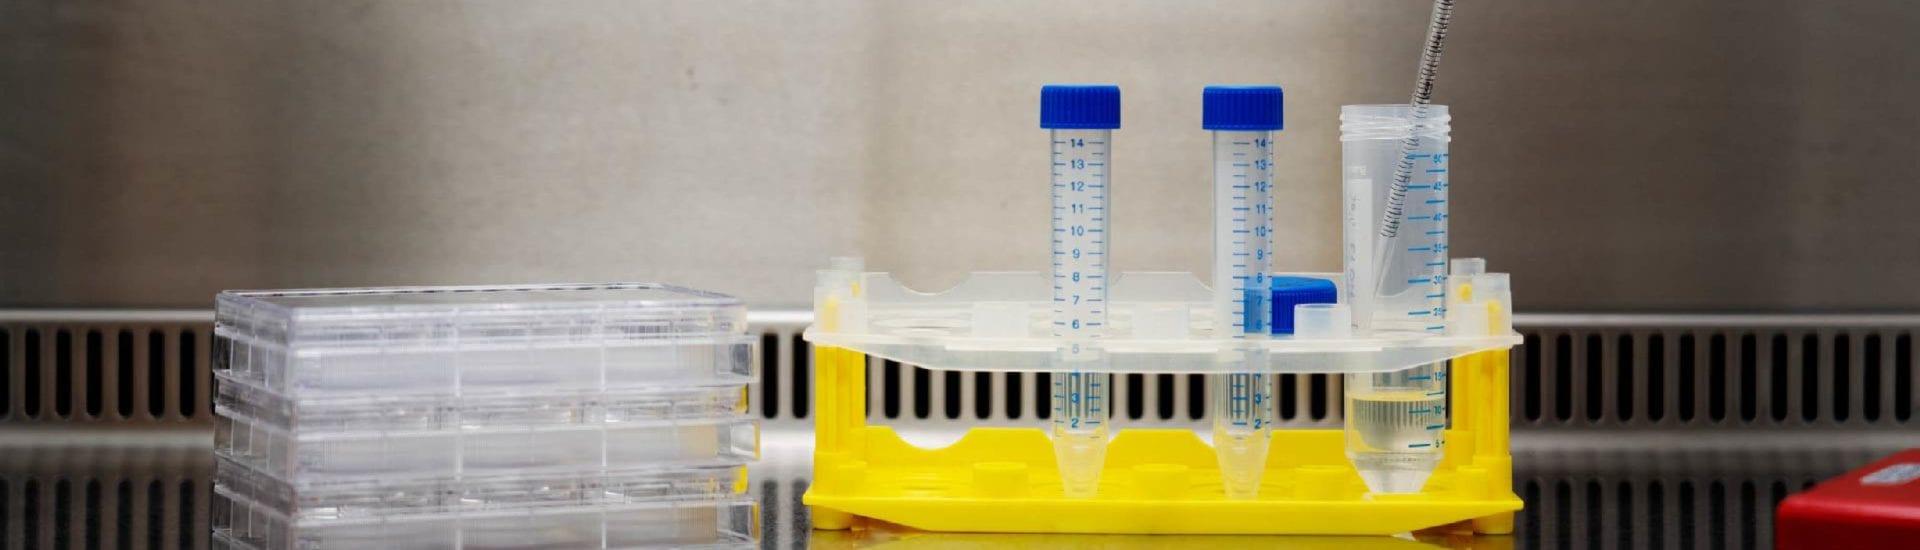 Patiëntenregistratie en natuurlijk beloop myotone dystrofie: de follow-up